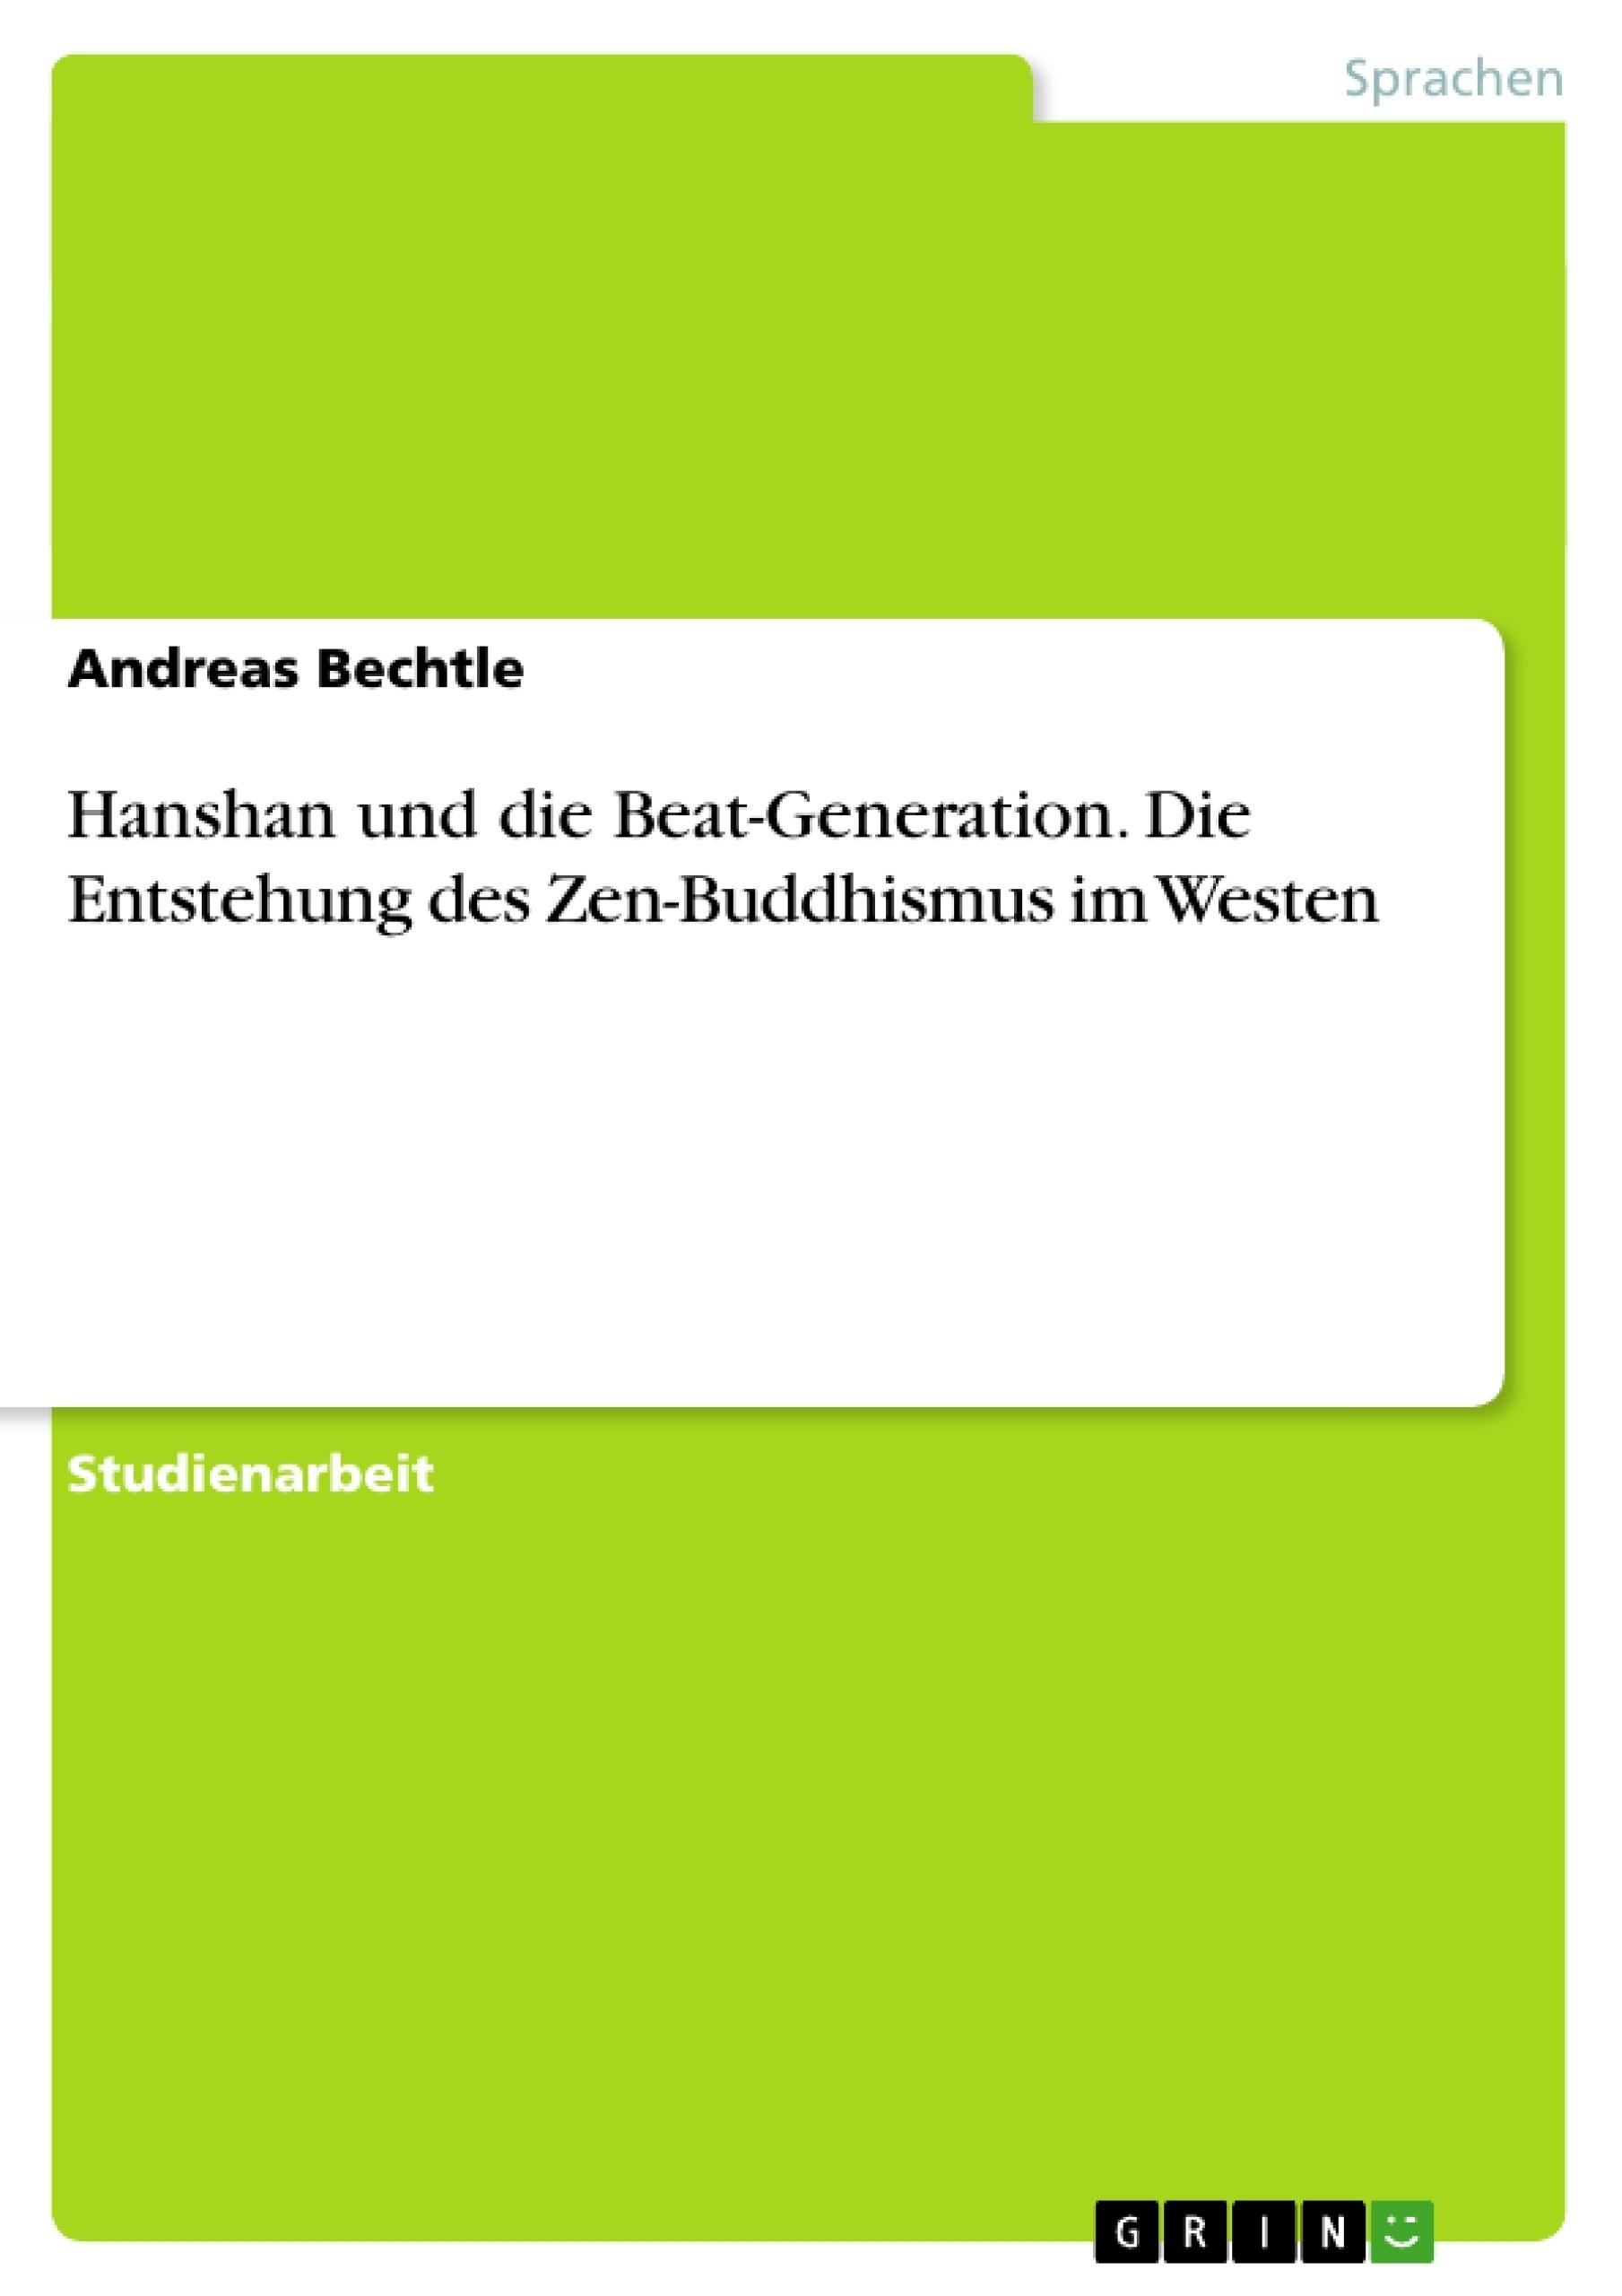 Titel: Hanshan  und die Beat-Generation. Die Entstehung des Zen-Buddhismus im Westen